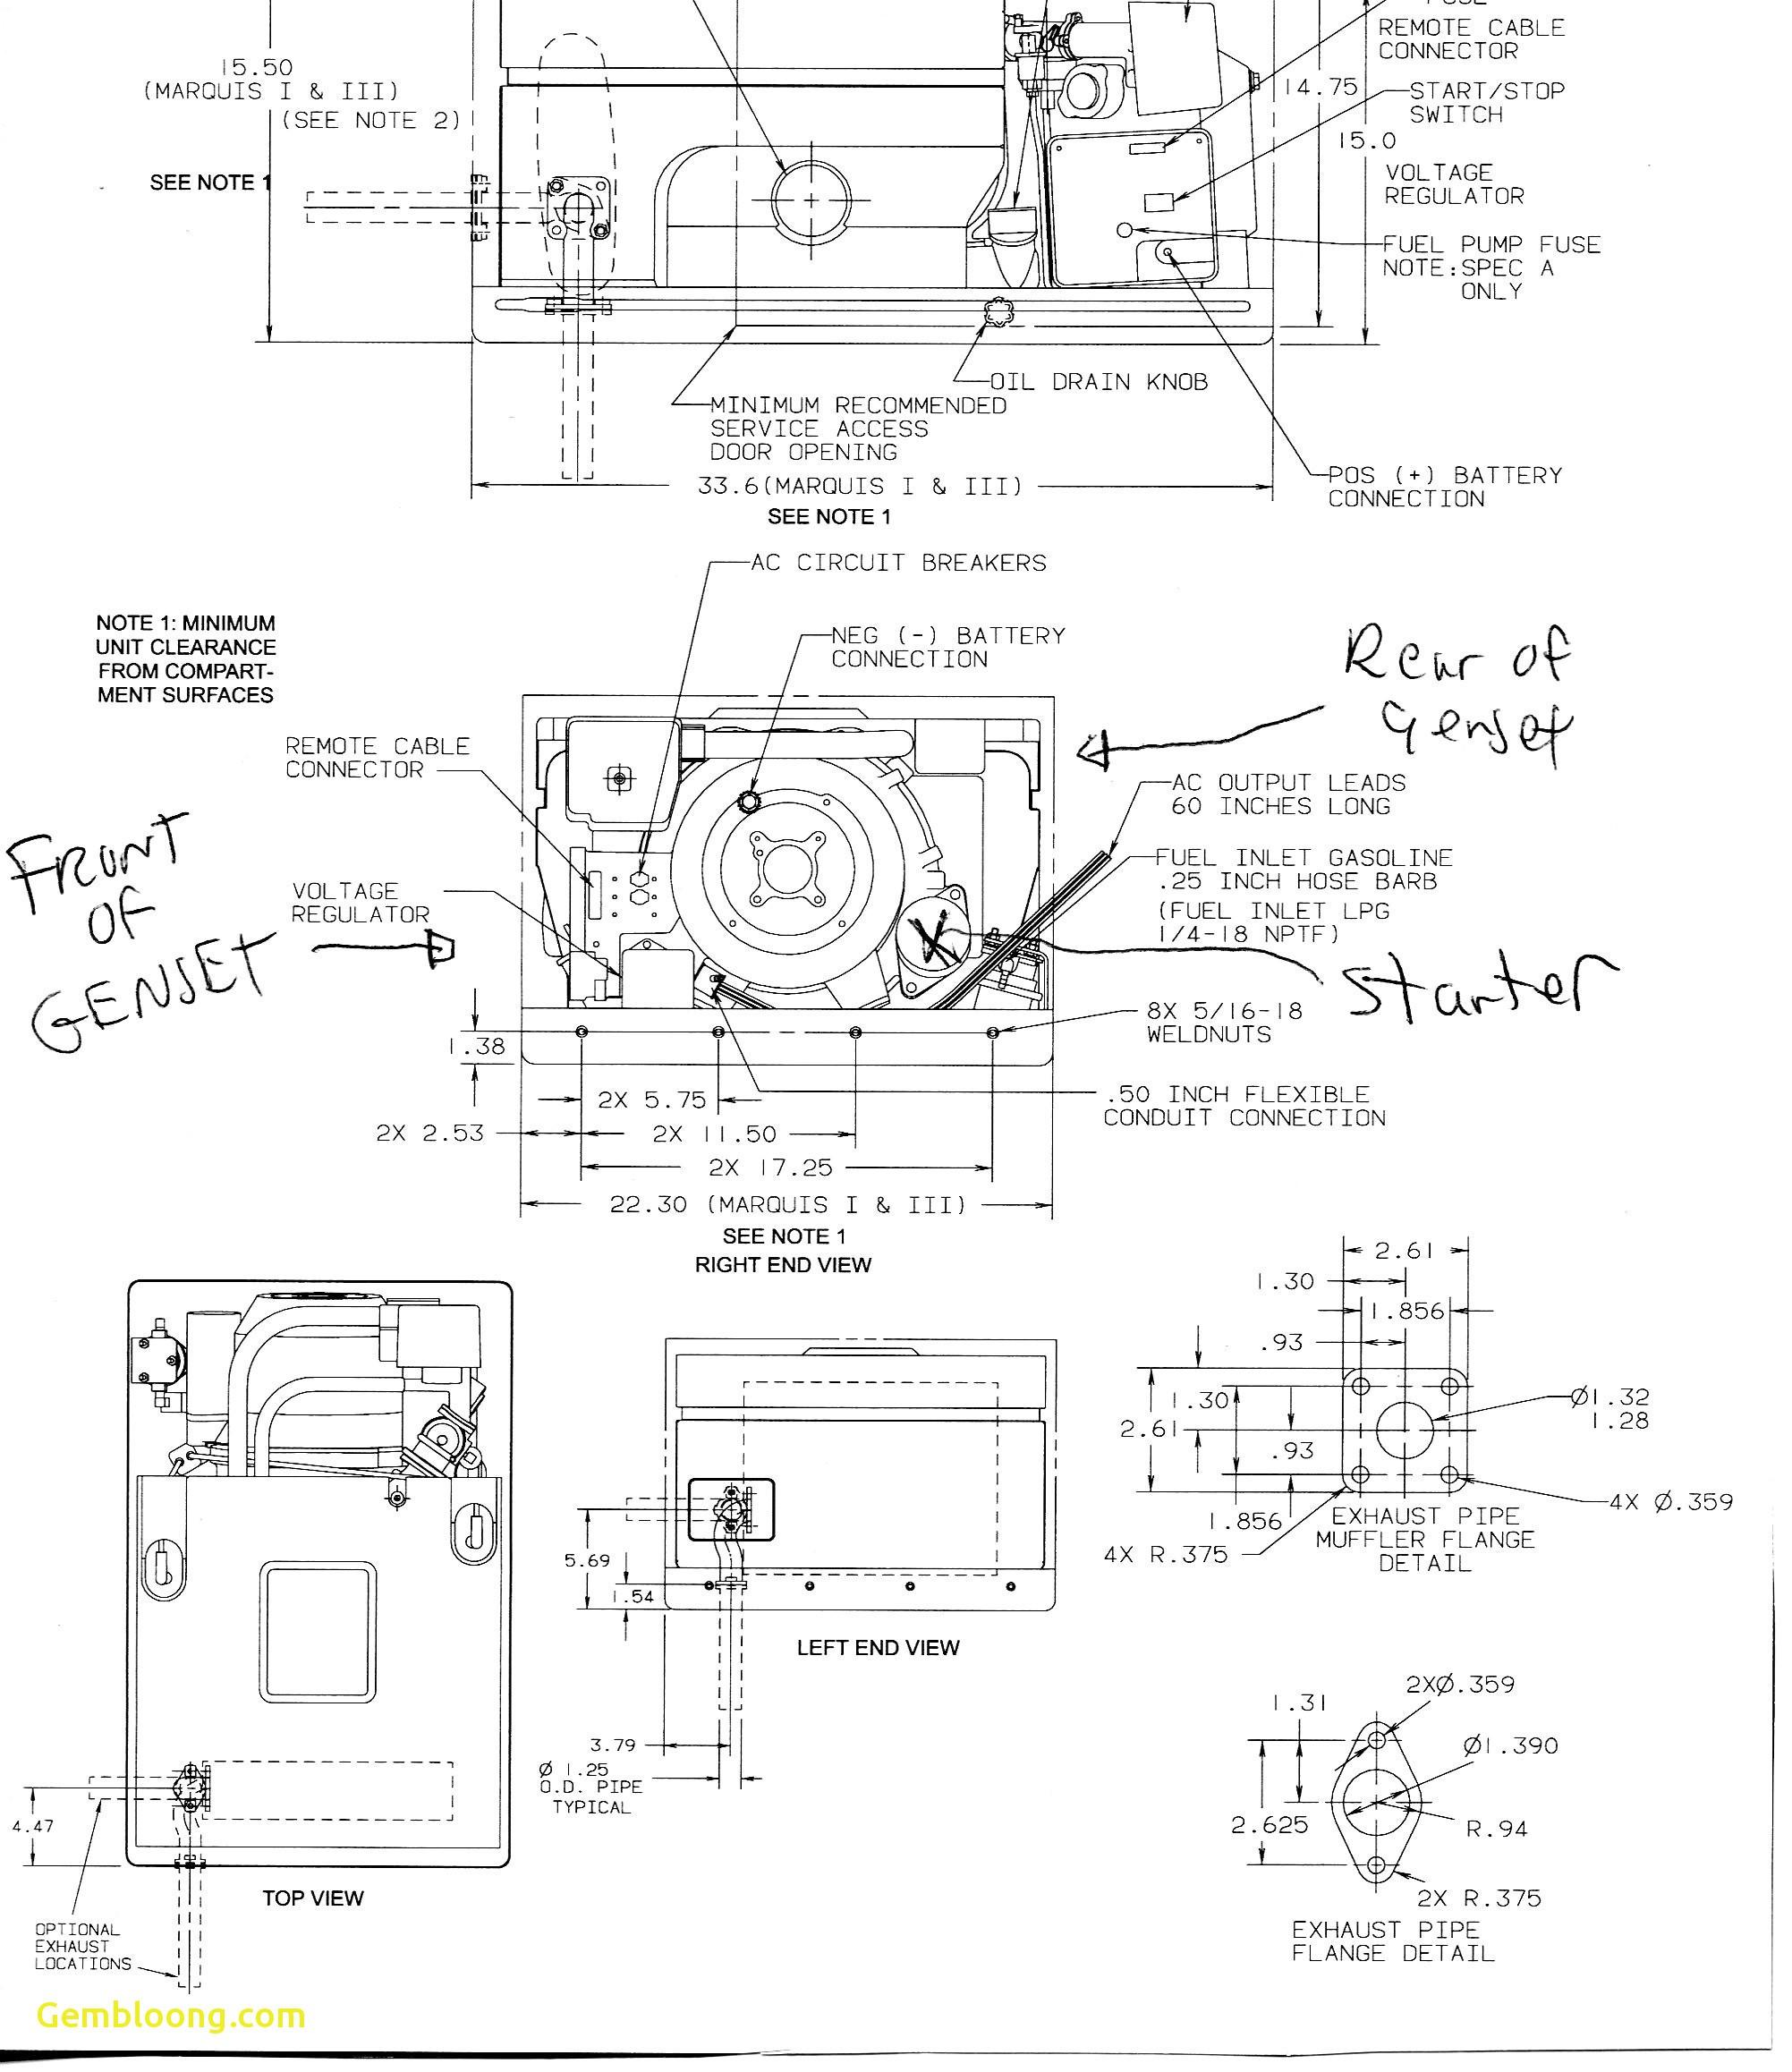 Coleman 5000 Generator Wiring Diagram Wiring Diagram Manual Guide